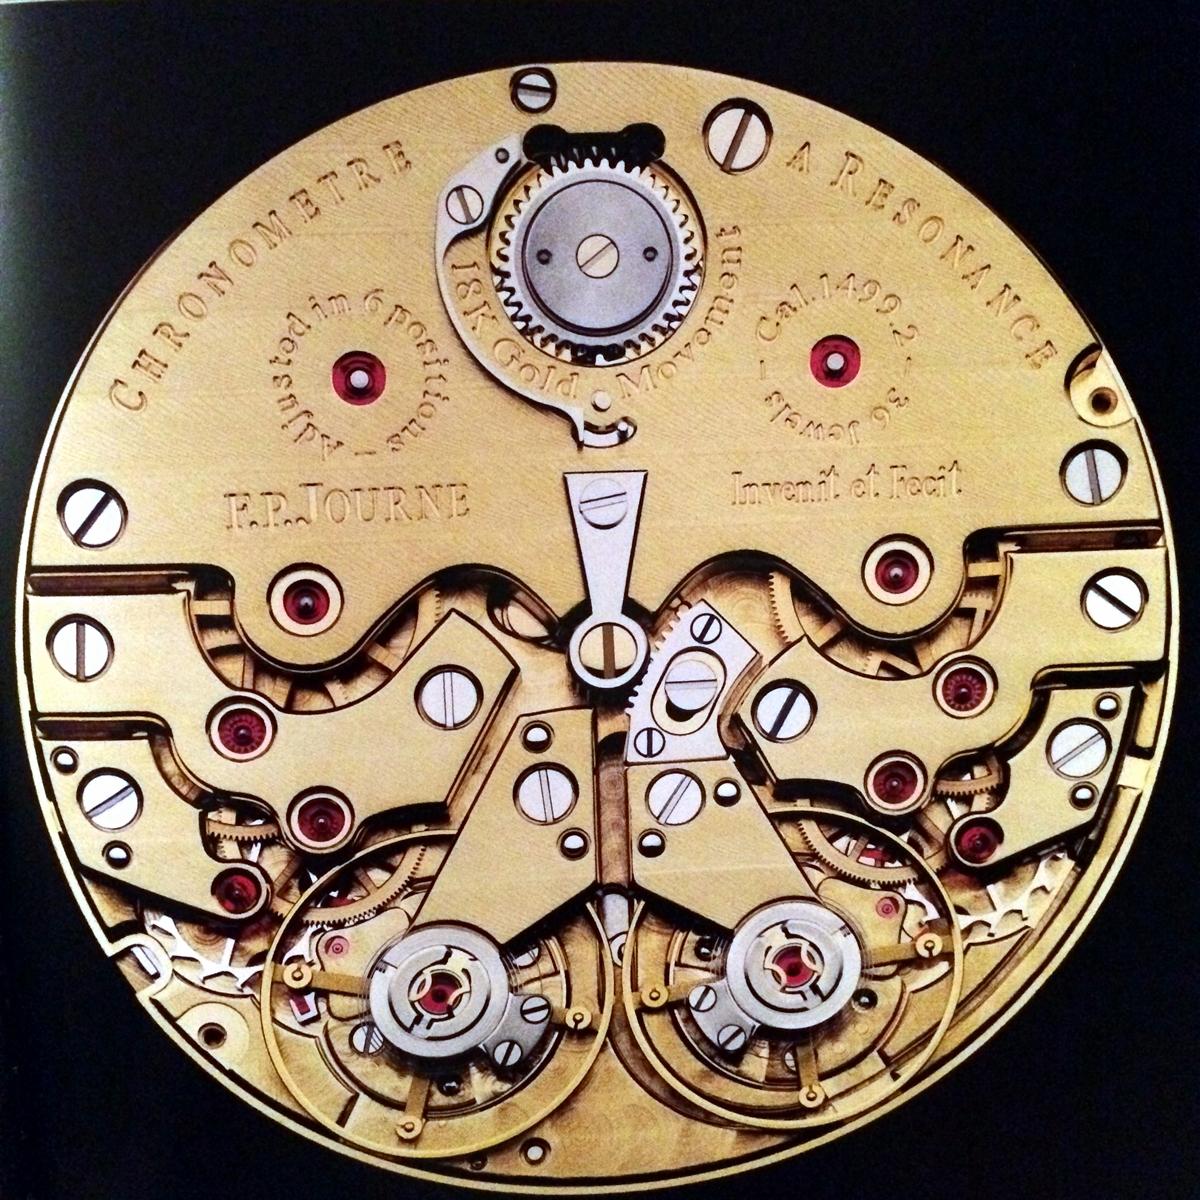 13 luxurious_watch_design_clockworks_construction_luksusowe_zegarki_mechanizm_projektowanie_lifestyle